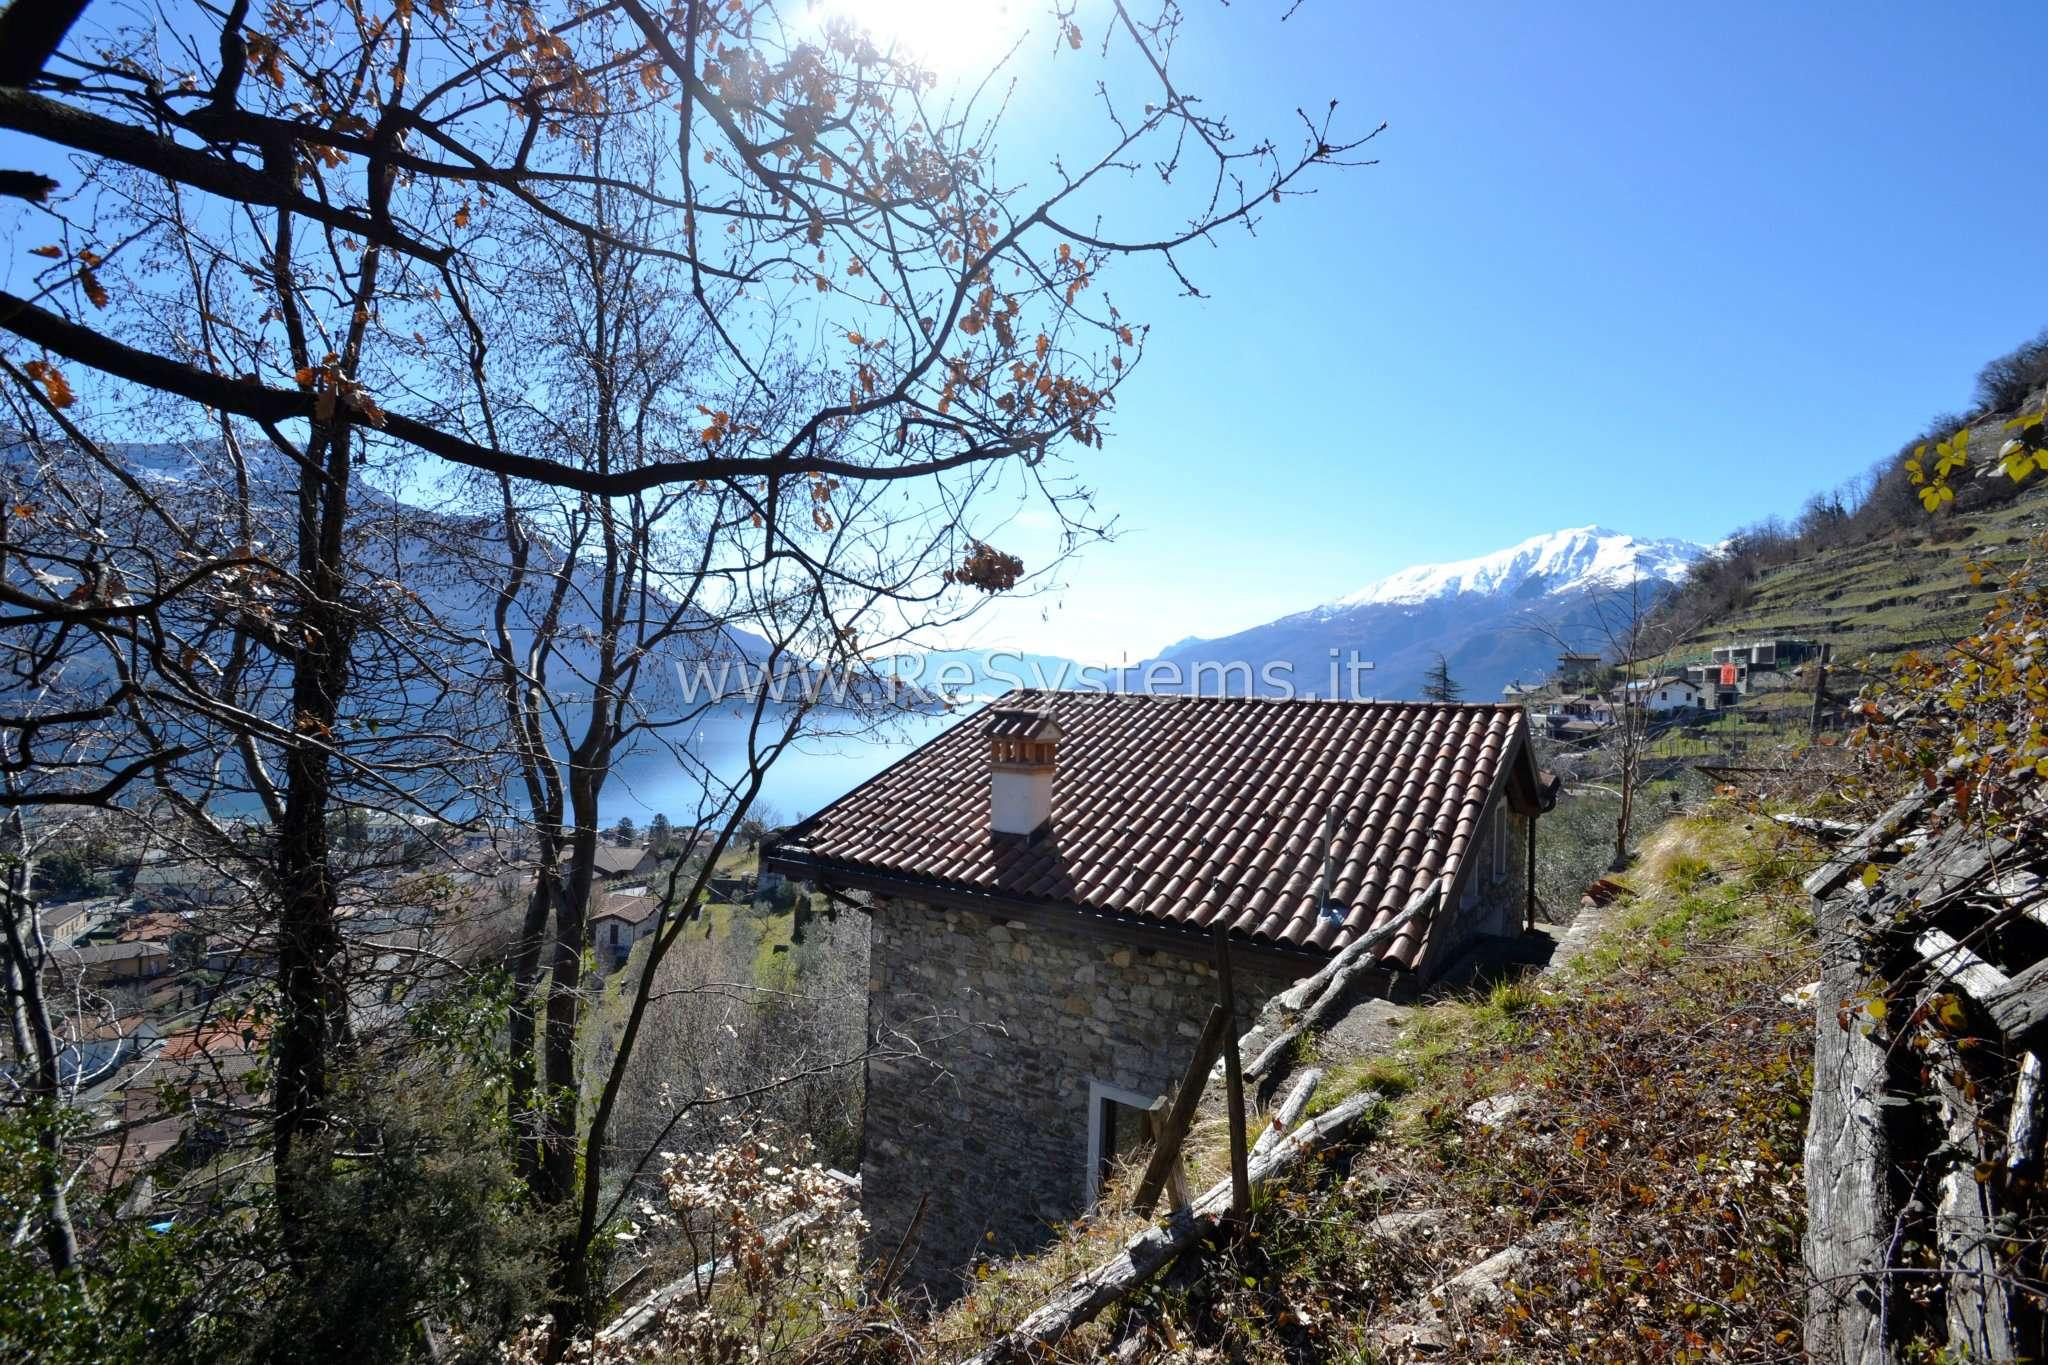 Villa in vendita a Domaso, 4 locali, prezzo € 480.000 | CambioCasa.it